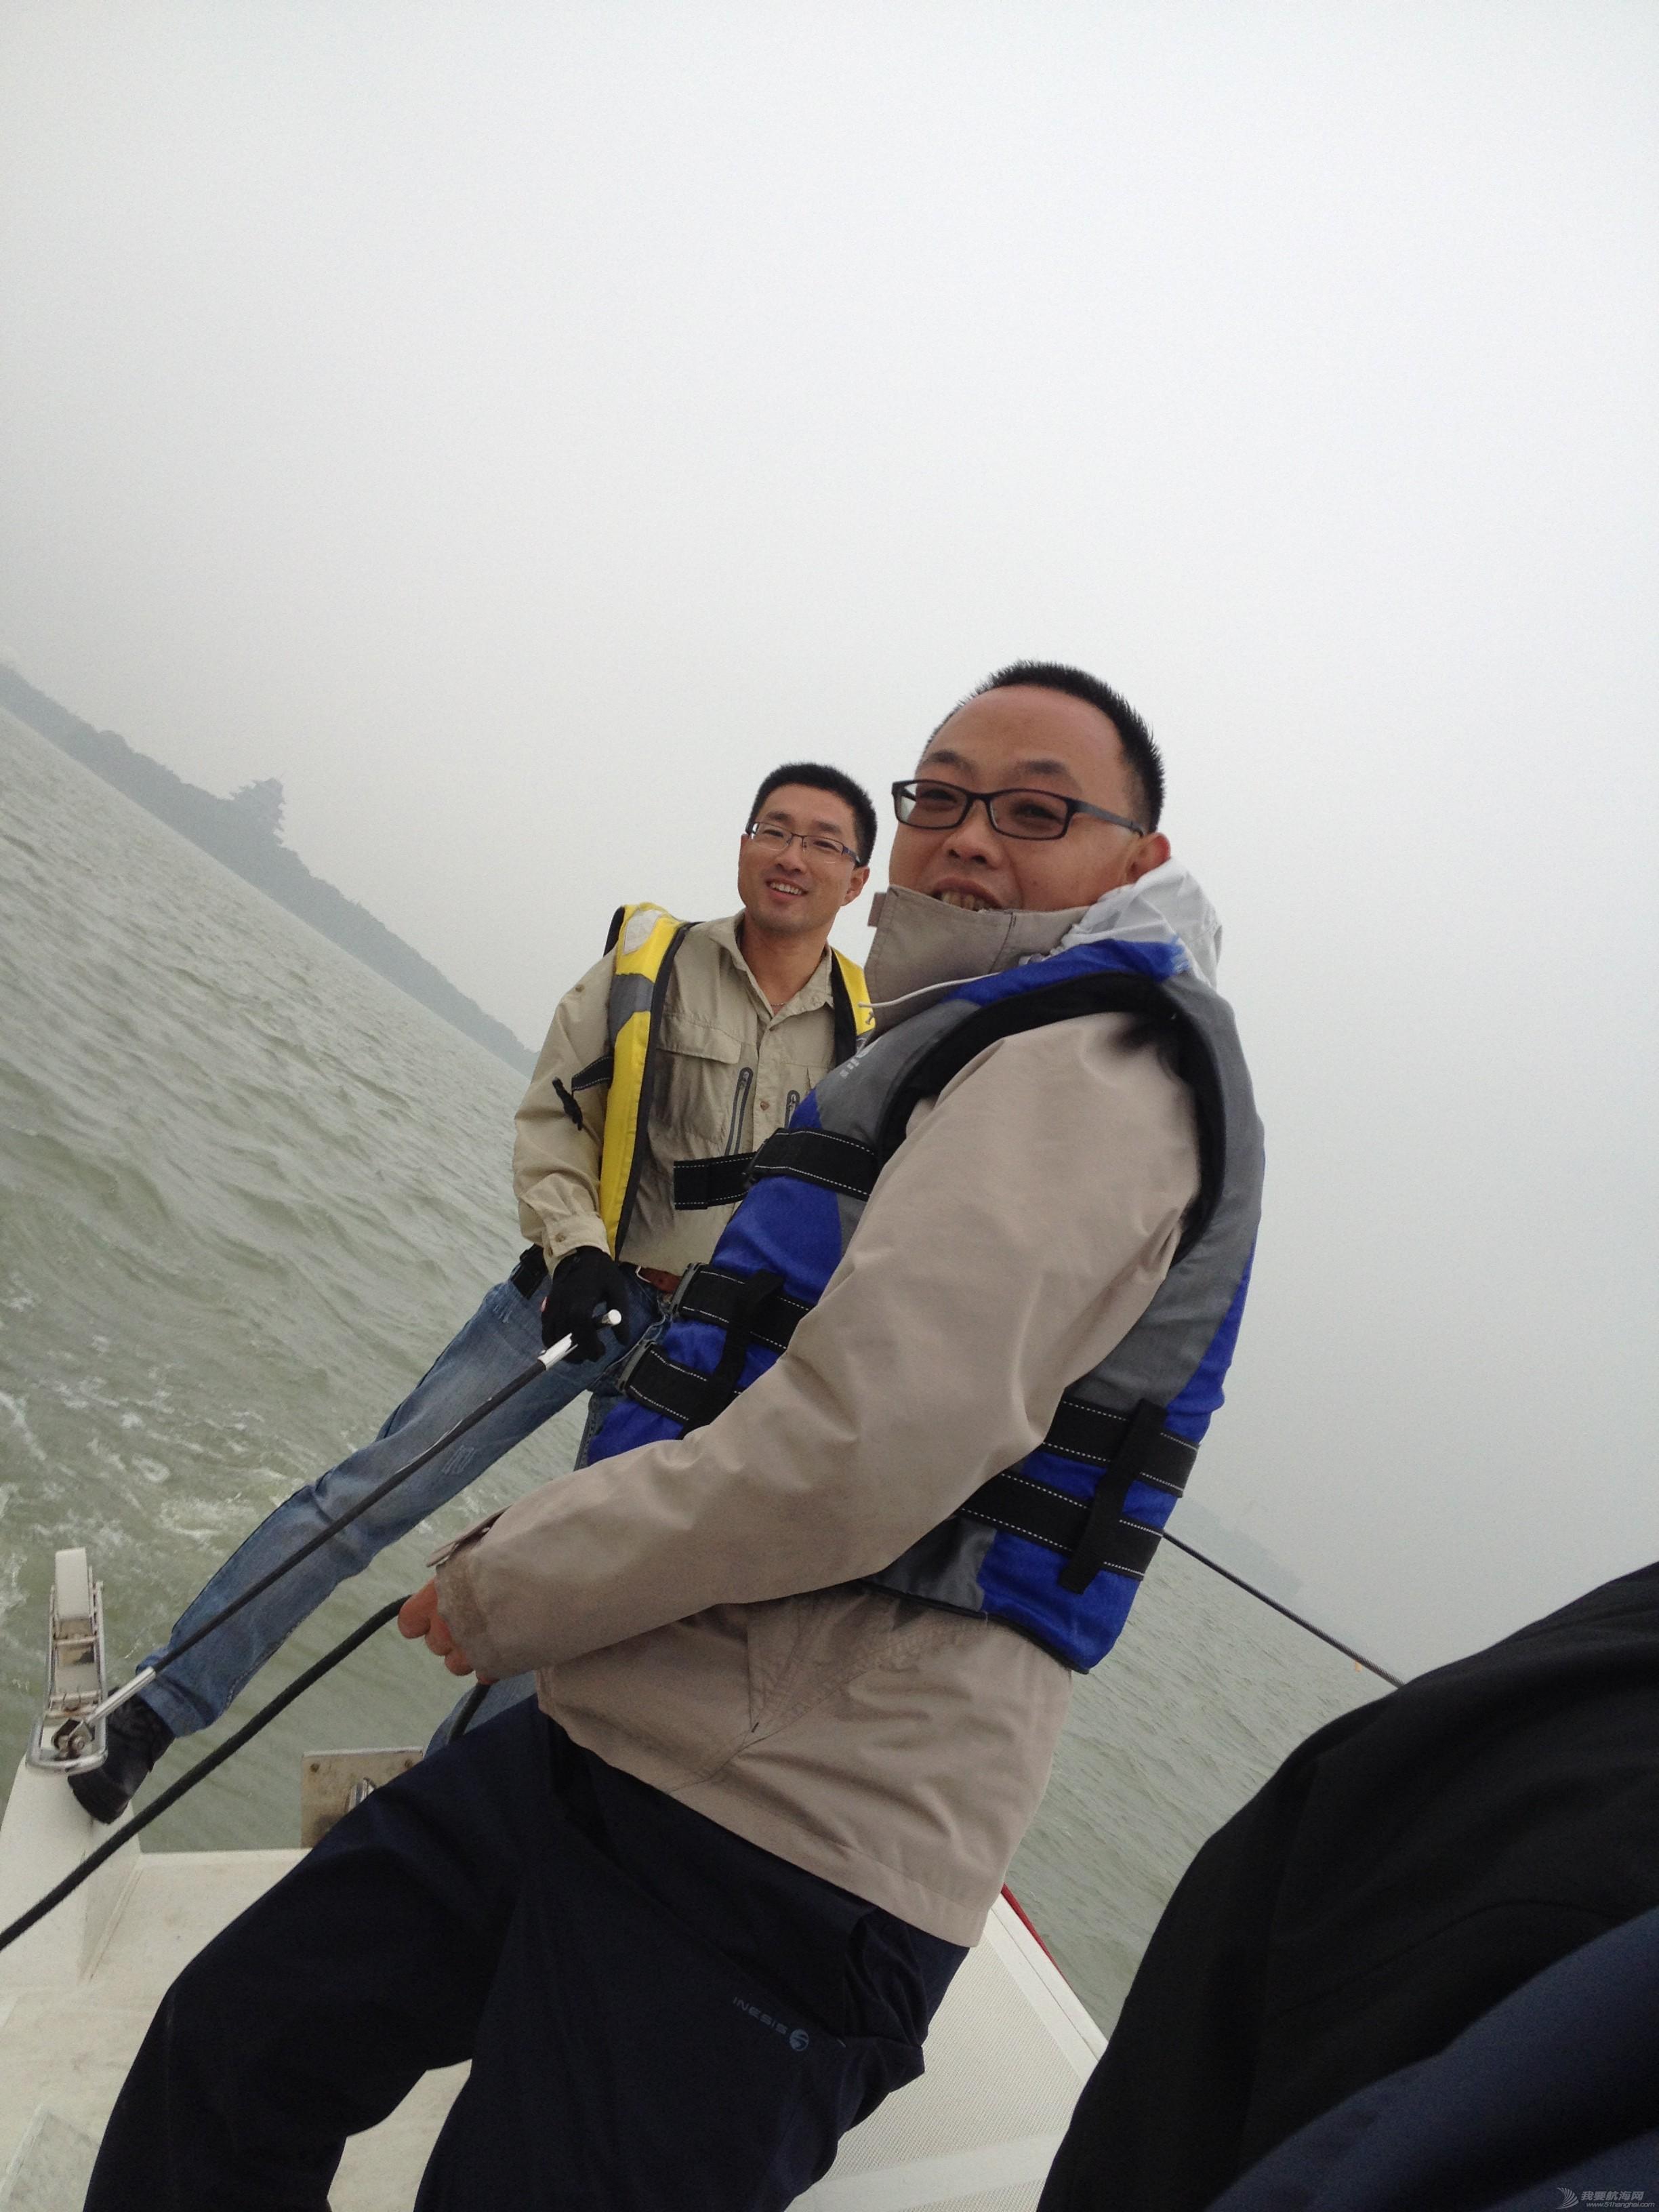 金鸡,苏州 苏州金鸡湖帆船赛-我的处女赛 IMG_2702.JPG